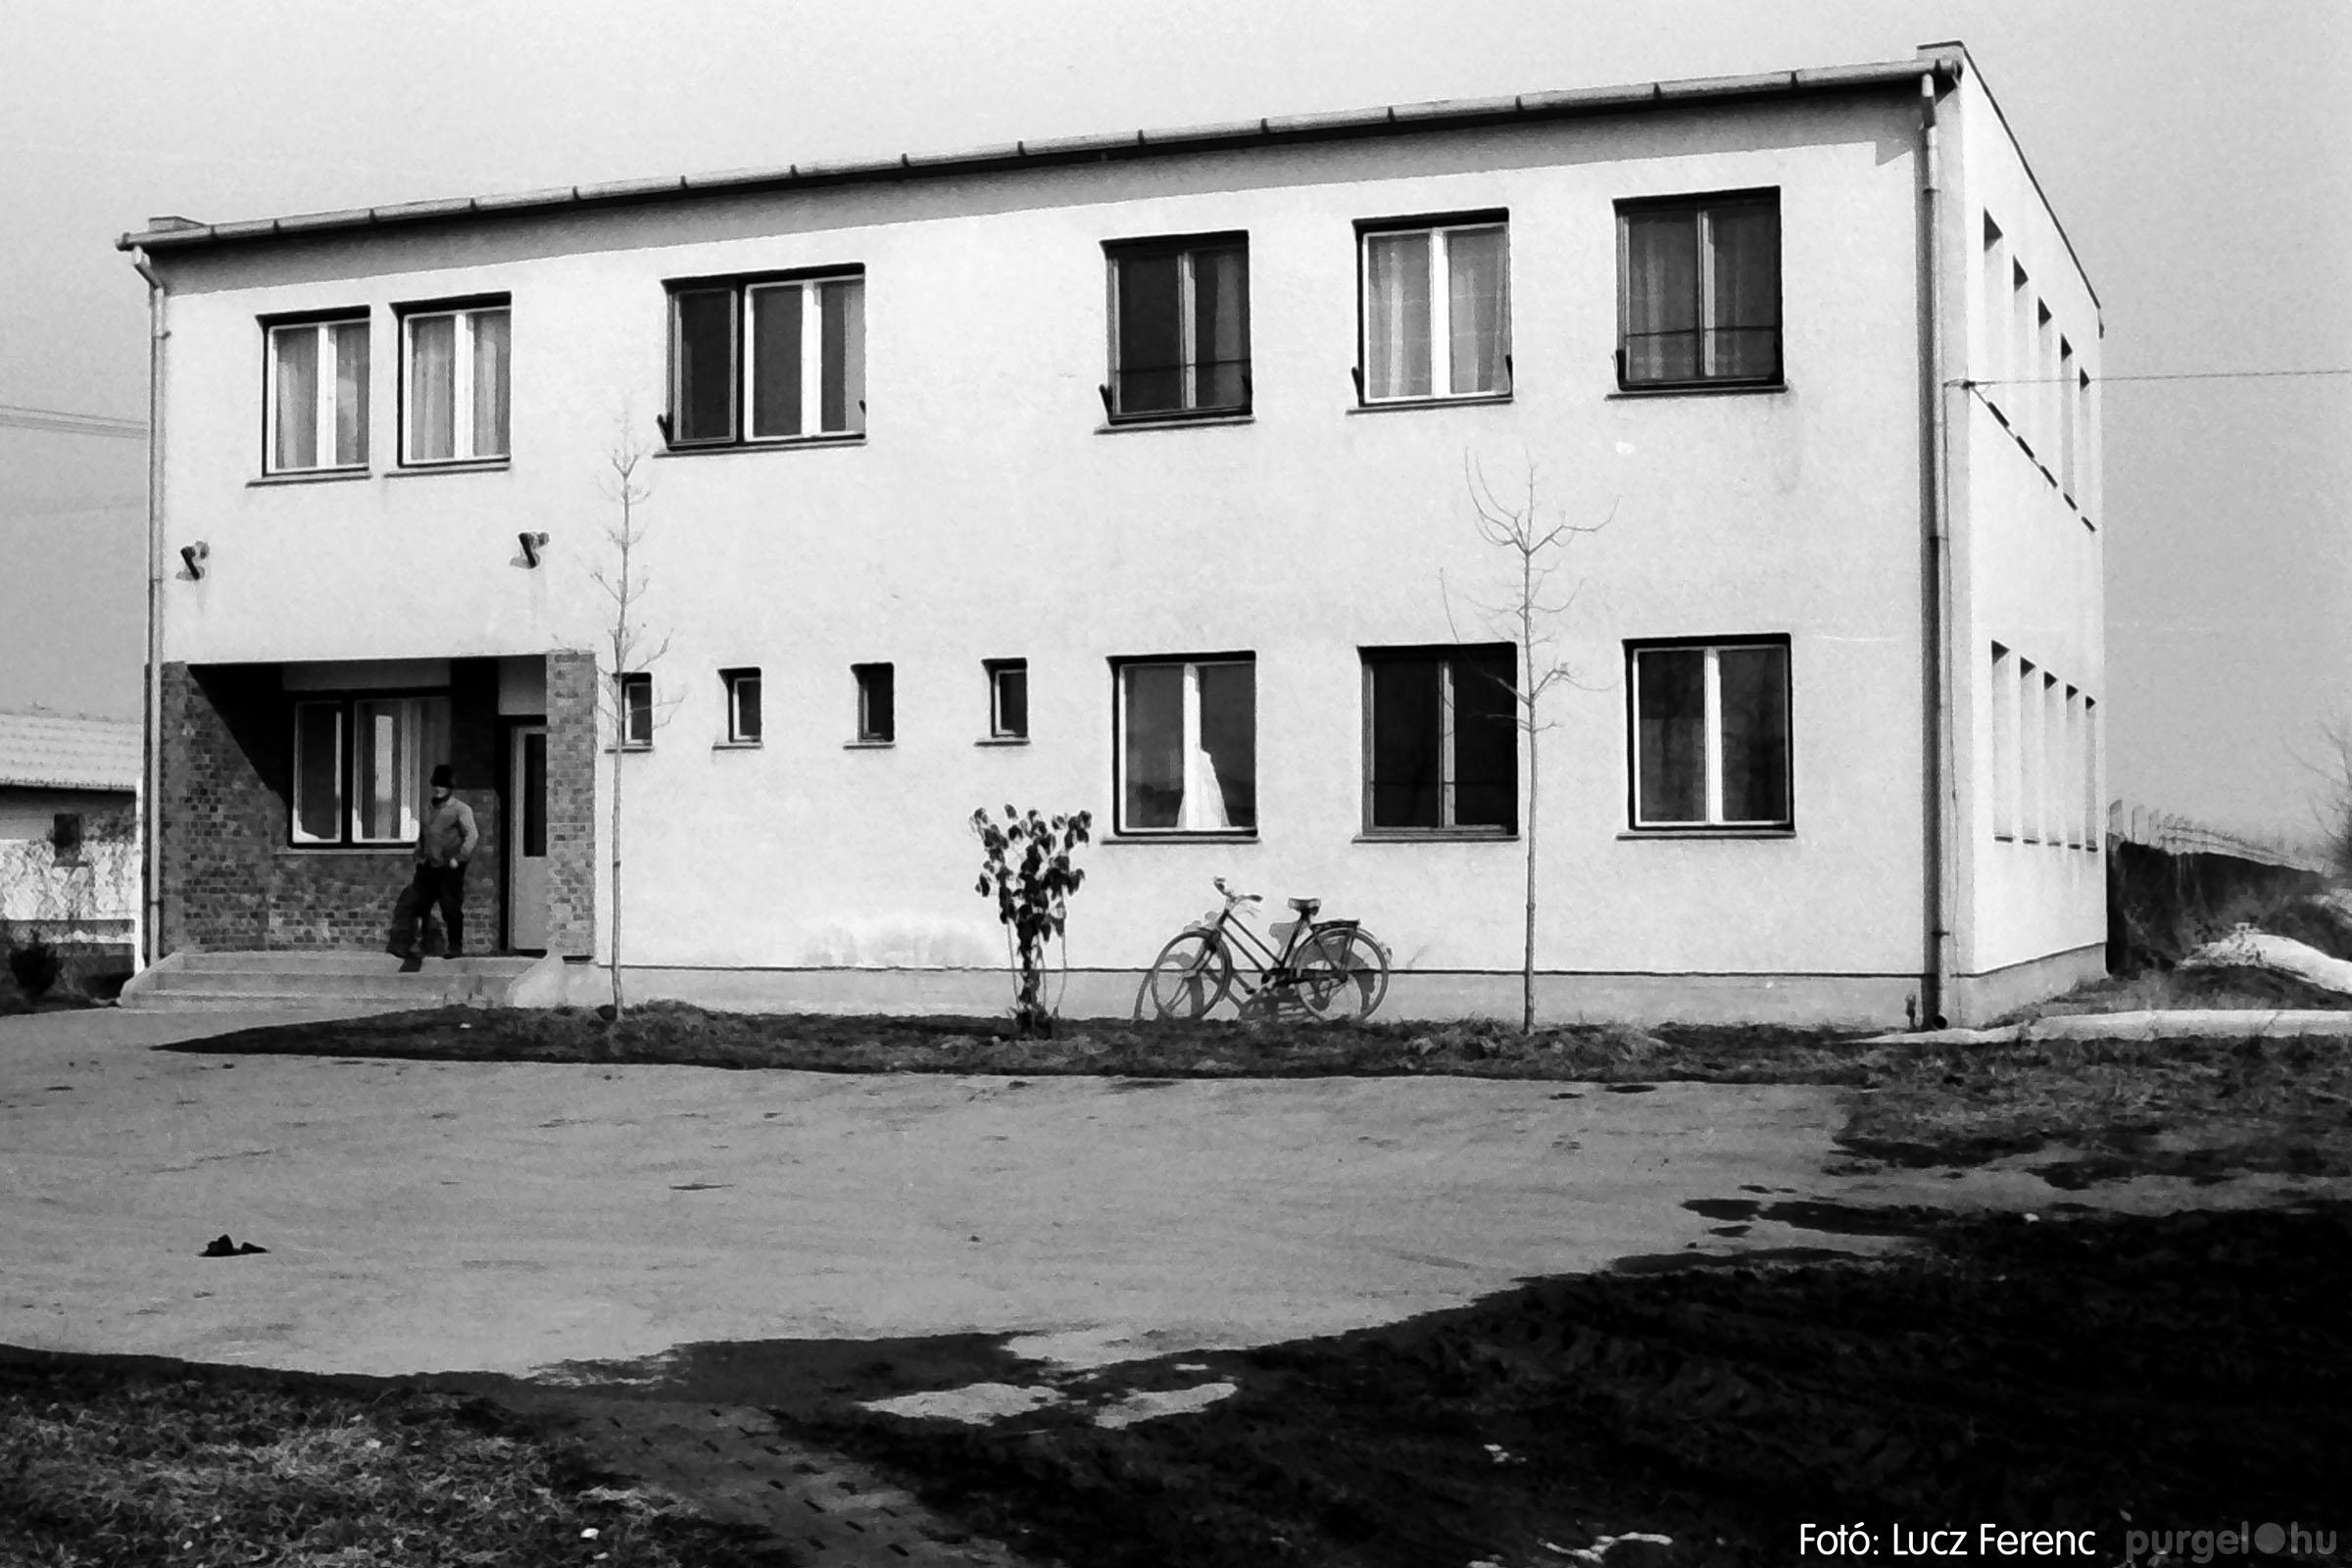 033-034. 1976. Élet a sápi tehenészetben 038 - Fotó: Lucz Ferenc.jpg